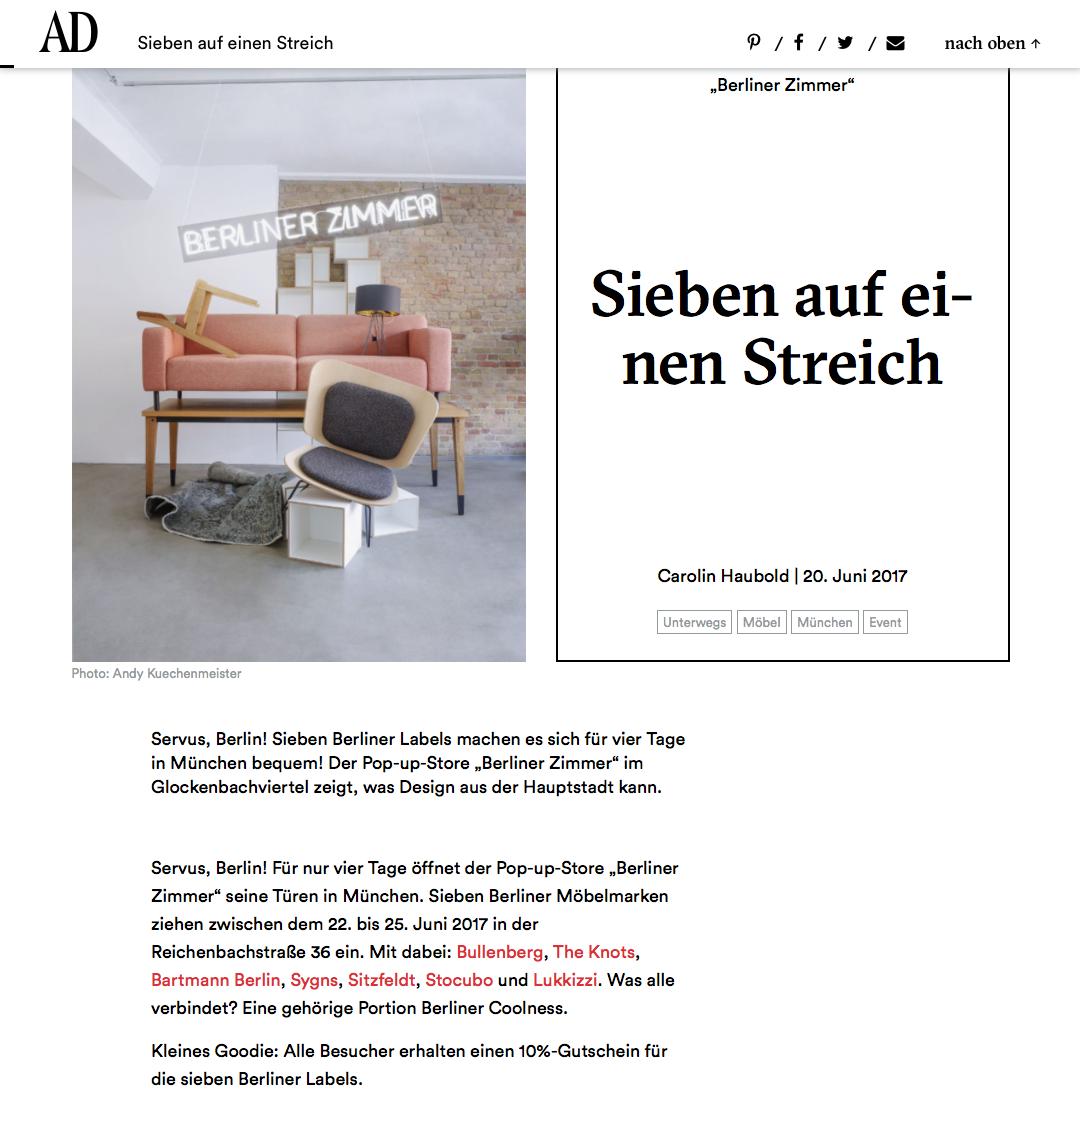 https://www.ad-magazin.de/article/berliner-zimmer-muenchen